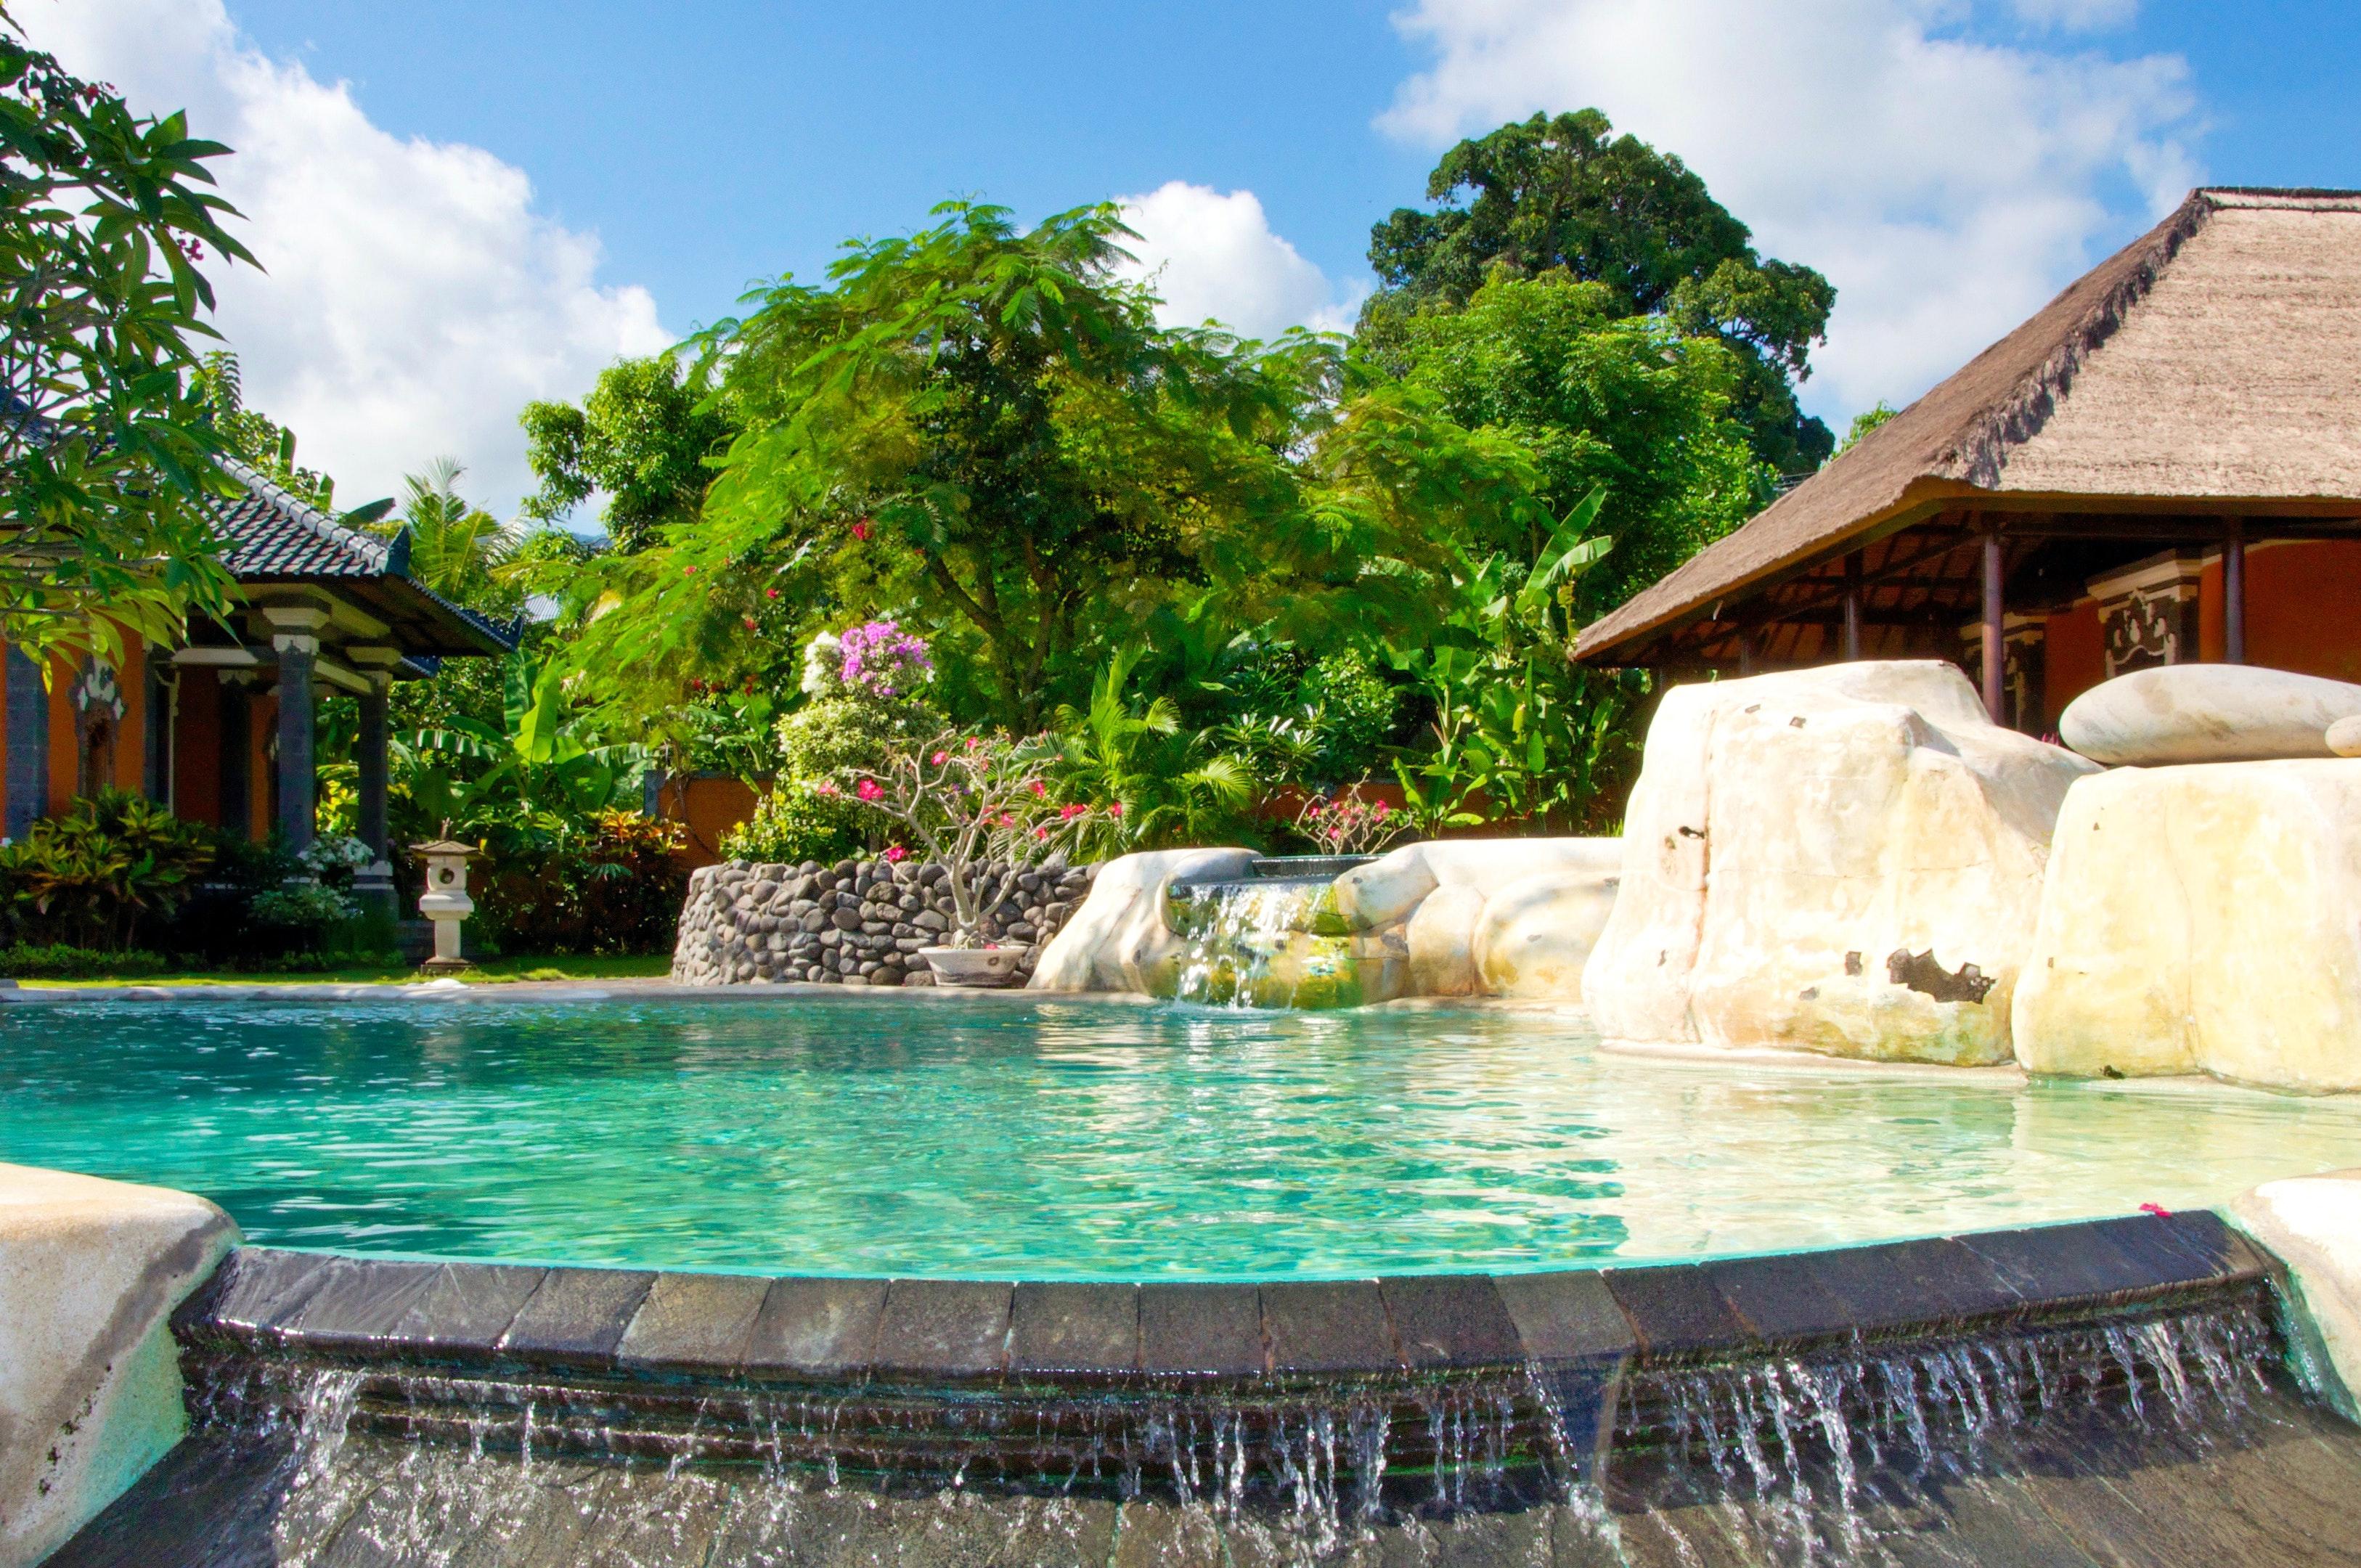 Villa mit 3 Schlafzimmern in Kabupaten Buleleng mi Villa in Asien und Naher Osten